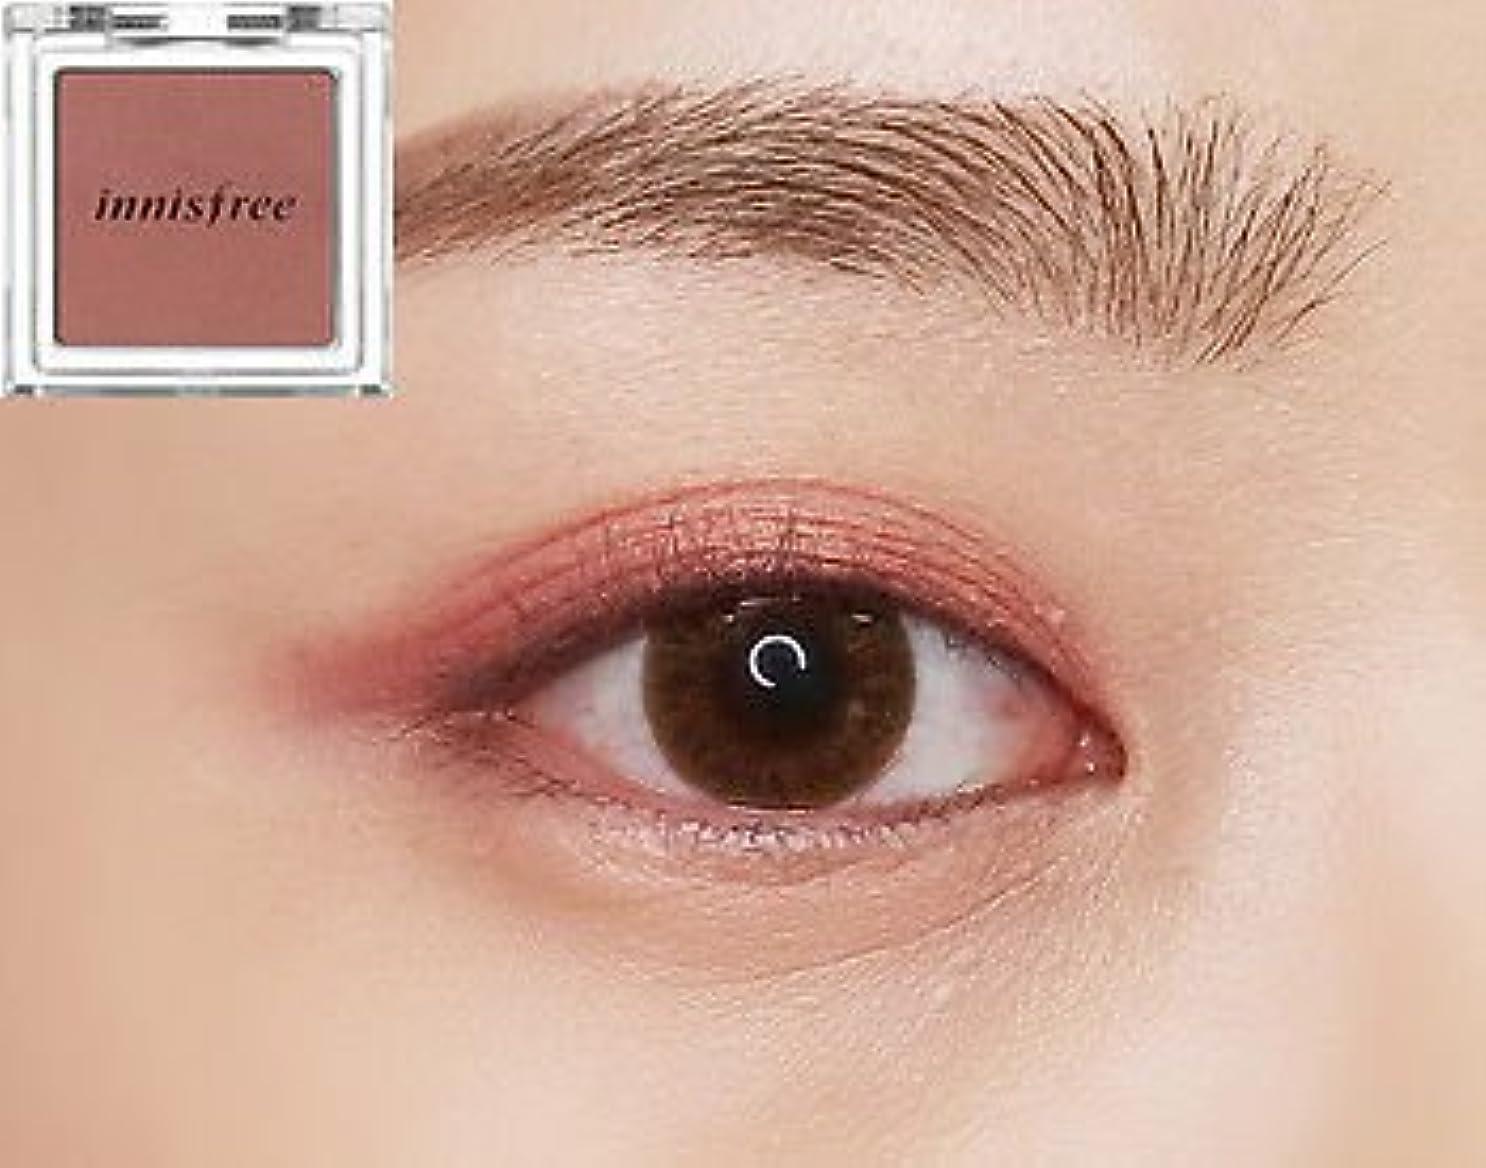 どちらも破壊的副[イニスフリー] innisfree [マイ パレット マイ アイシャドウ (シマ一) 39カラー] MY PALETTE My Eyeshadow (Shimmer) 39 Shades [海外直送品] (シマ一 #24)